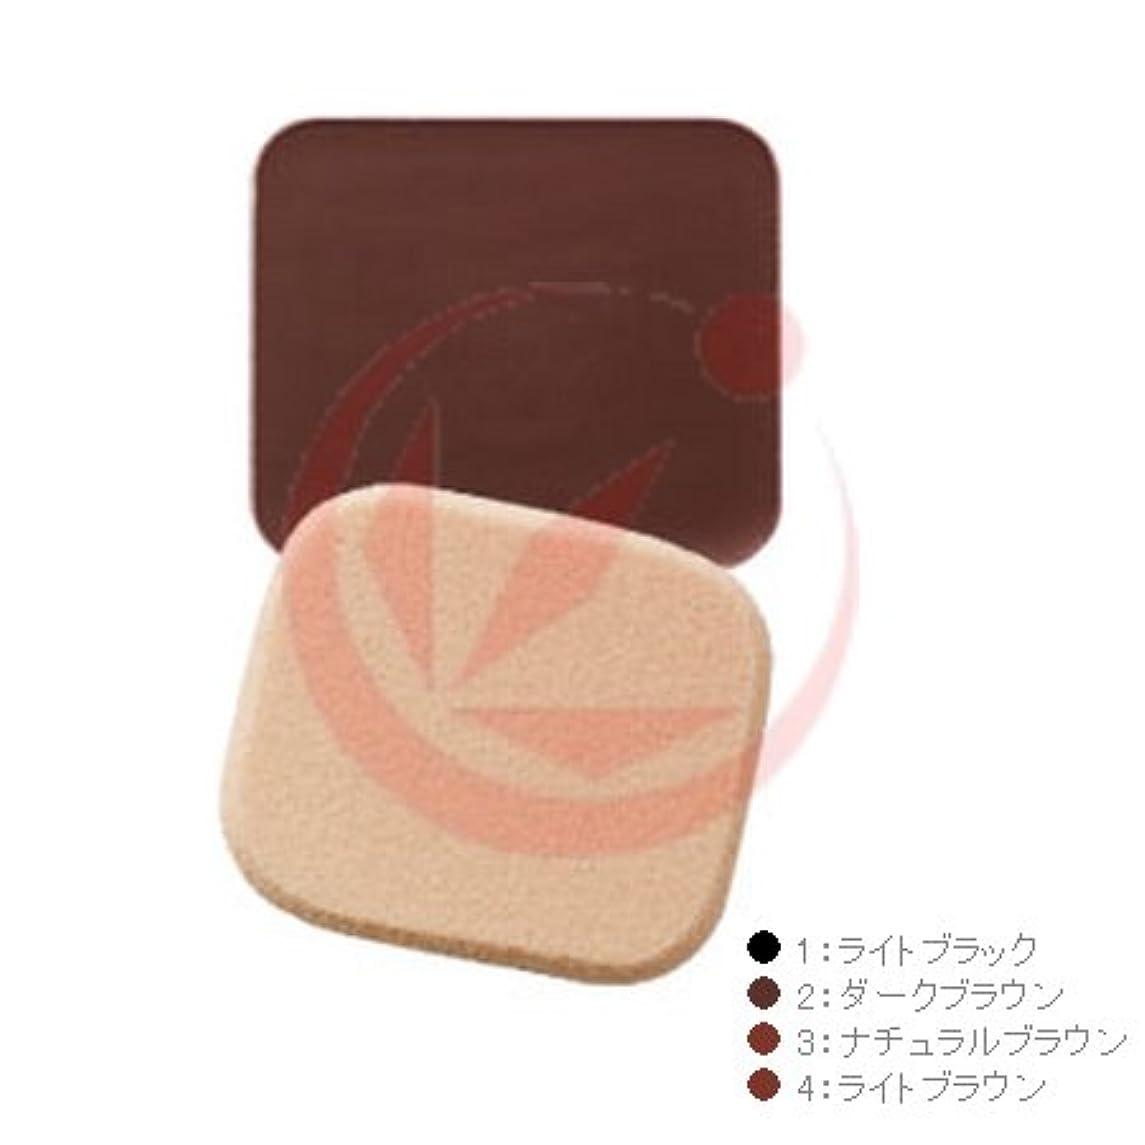 アクセント鉱石アセンブリイリヤ 彩(いろどり) ヘアファンデーション 13g 詰替用 パフ付 ダークブラウン